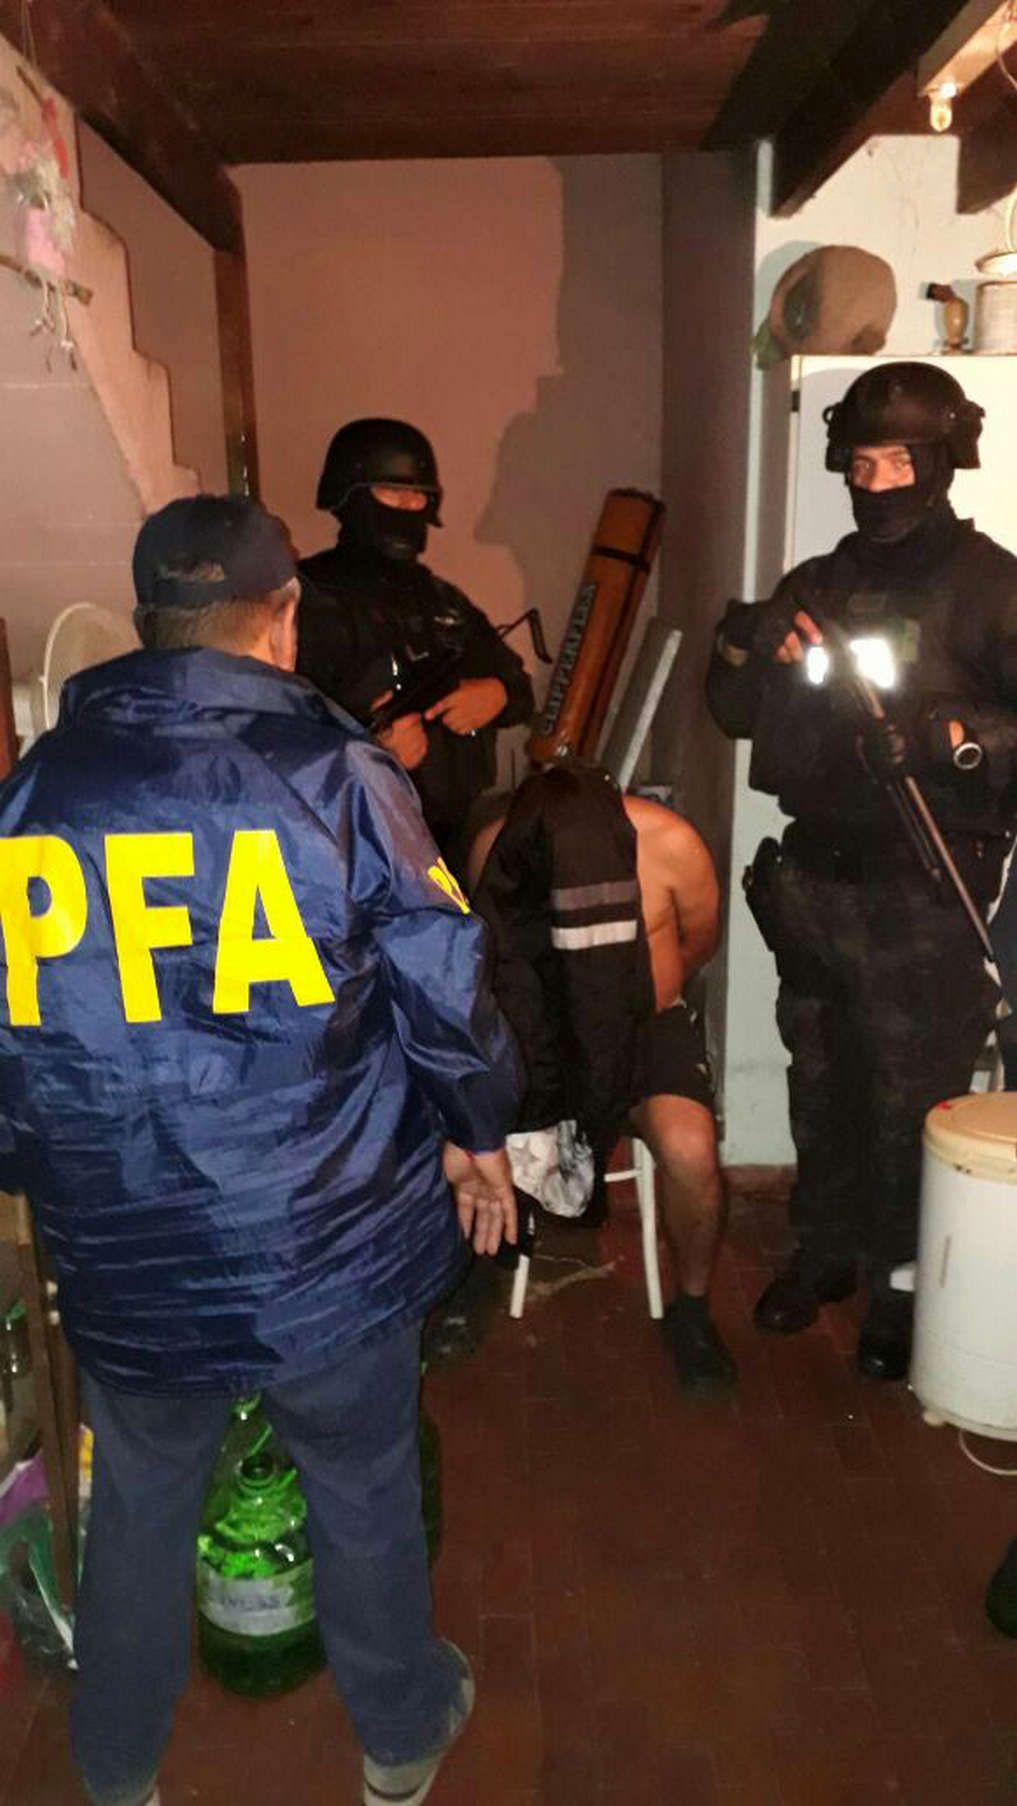 Fuerzas de seguridad ingresaron al domicilio del hombre